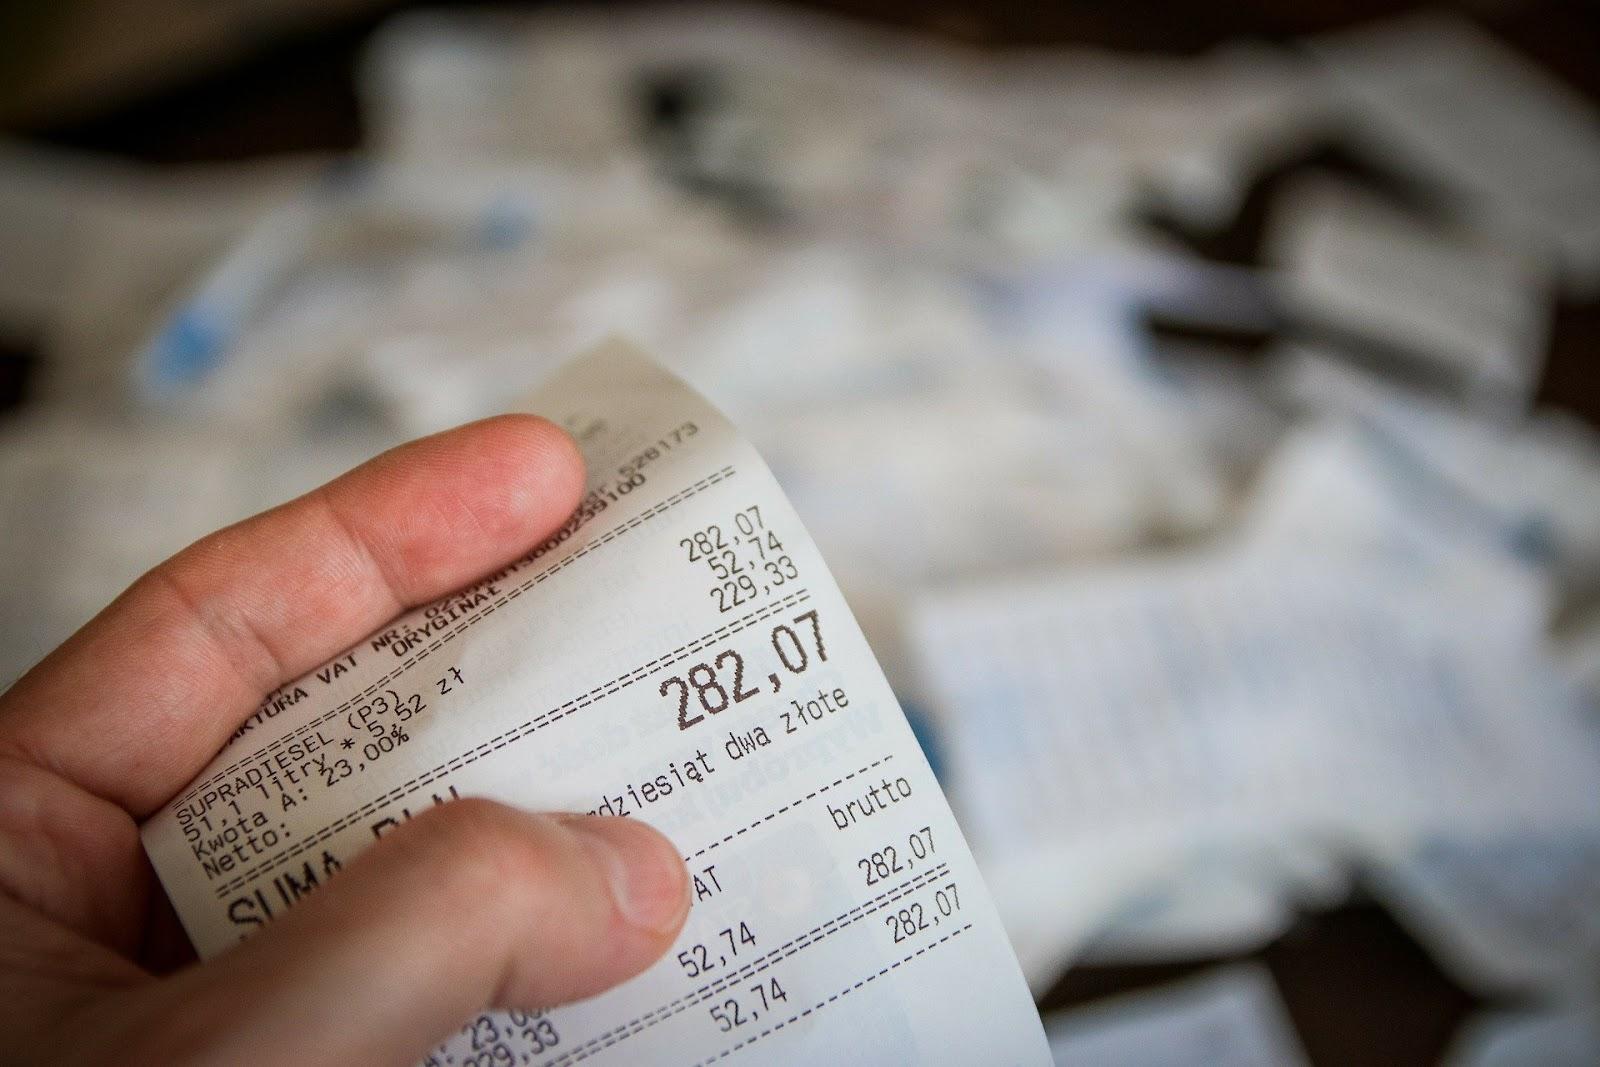 Nota fiscal de uma compra que será utilizada para pedir reembolso